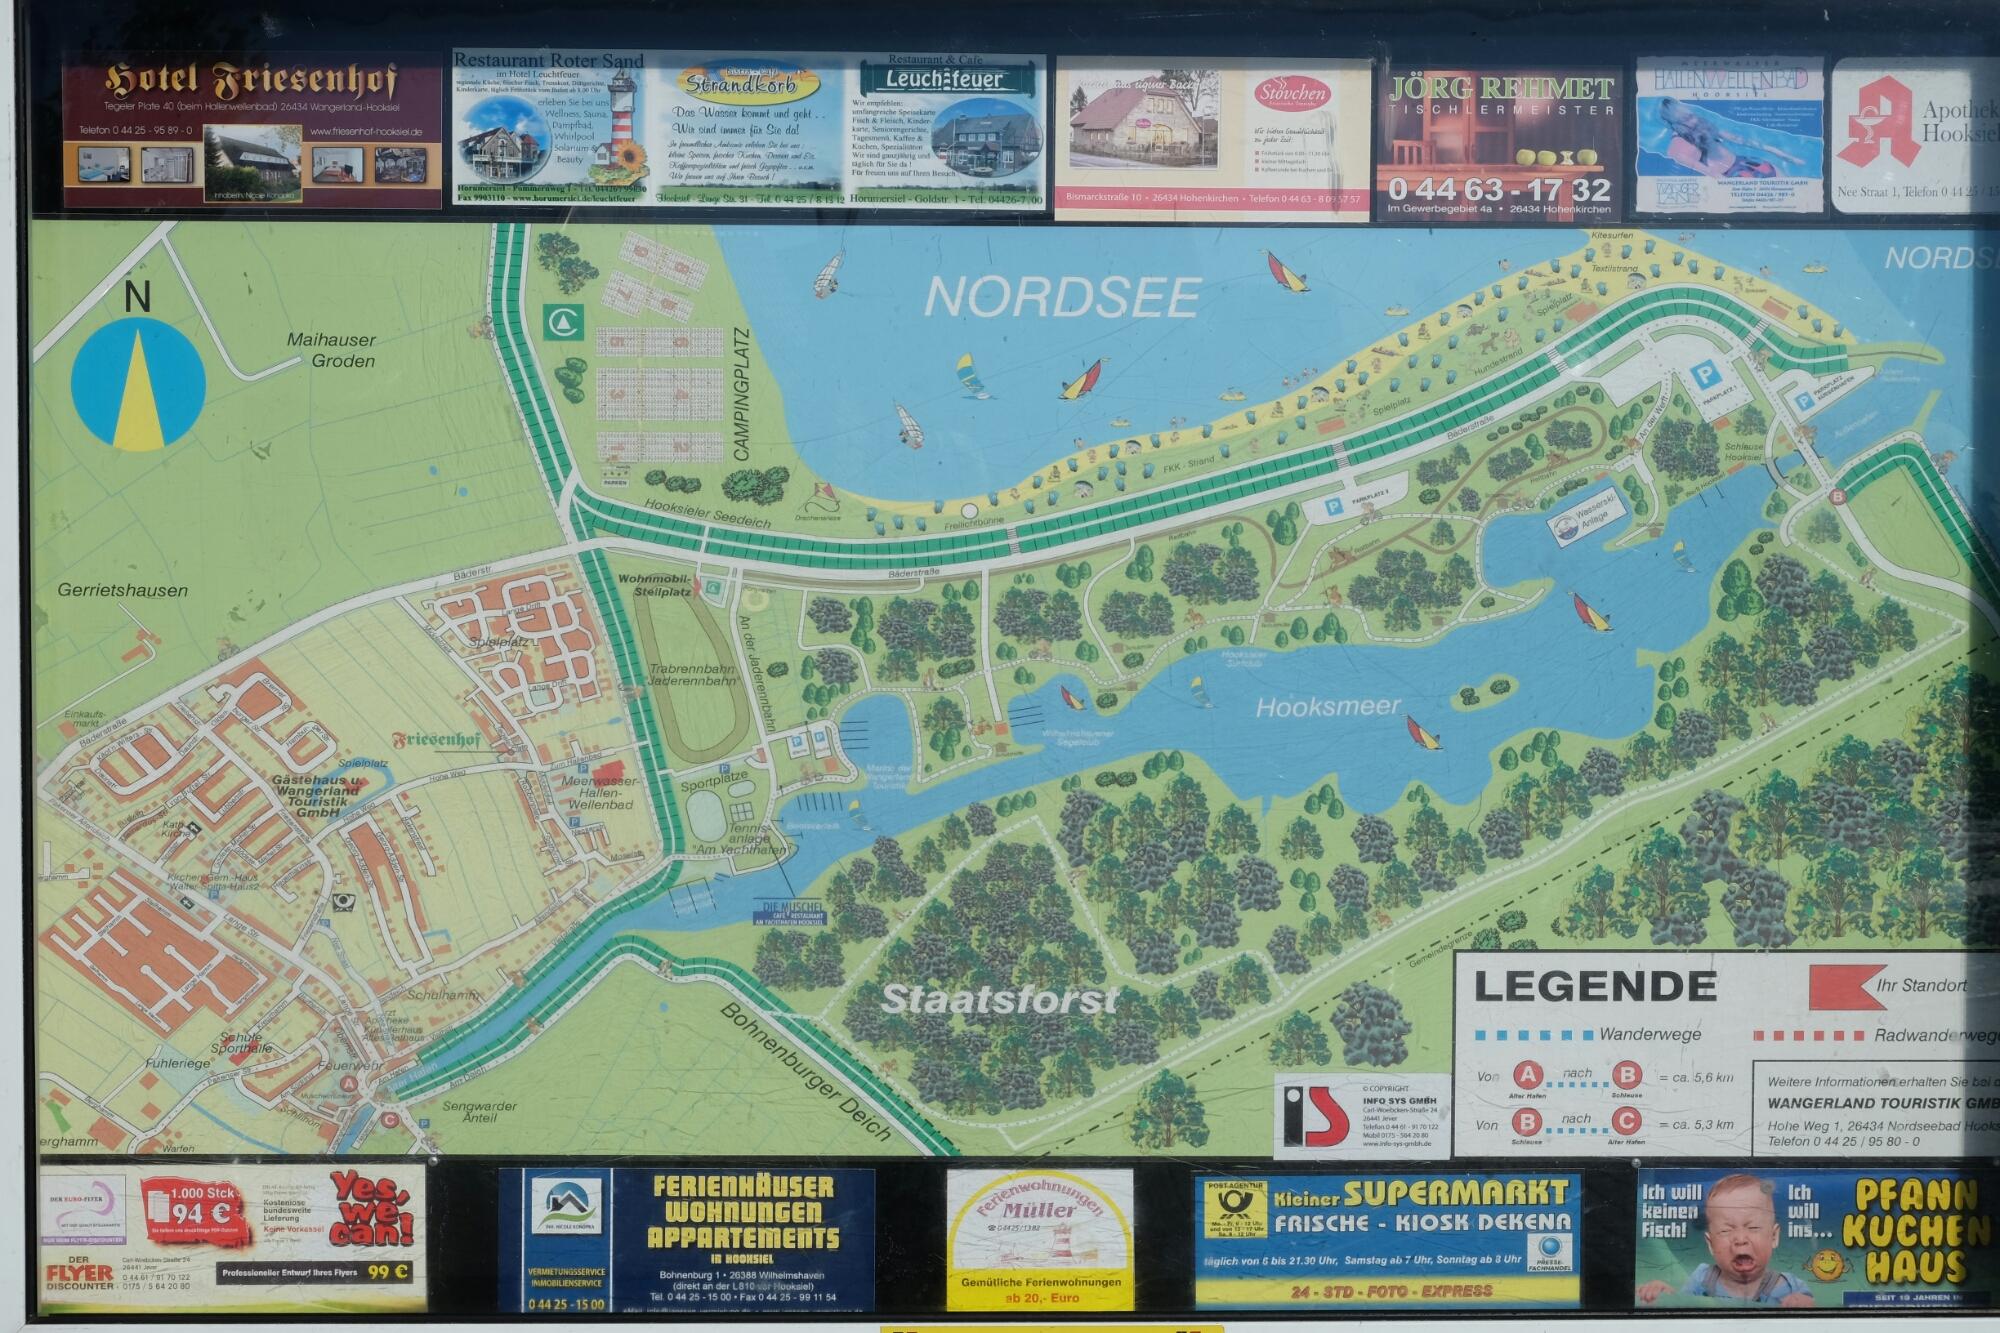 Karte von Hooksiel und Hooksmeer (Wangerland)